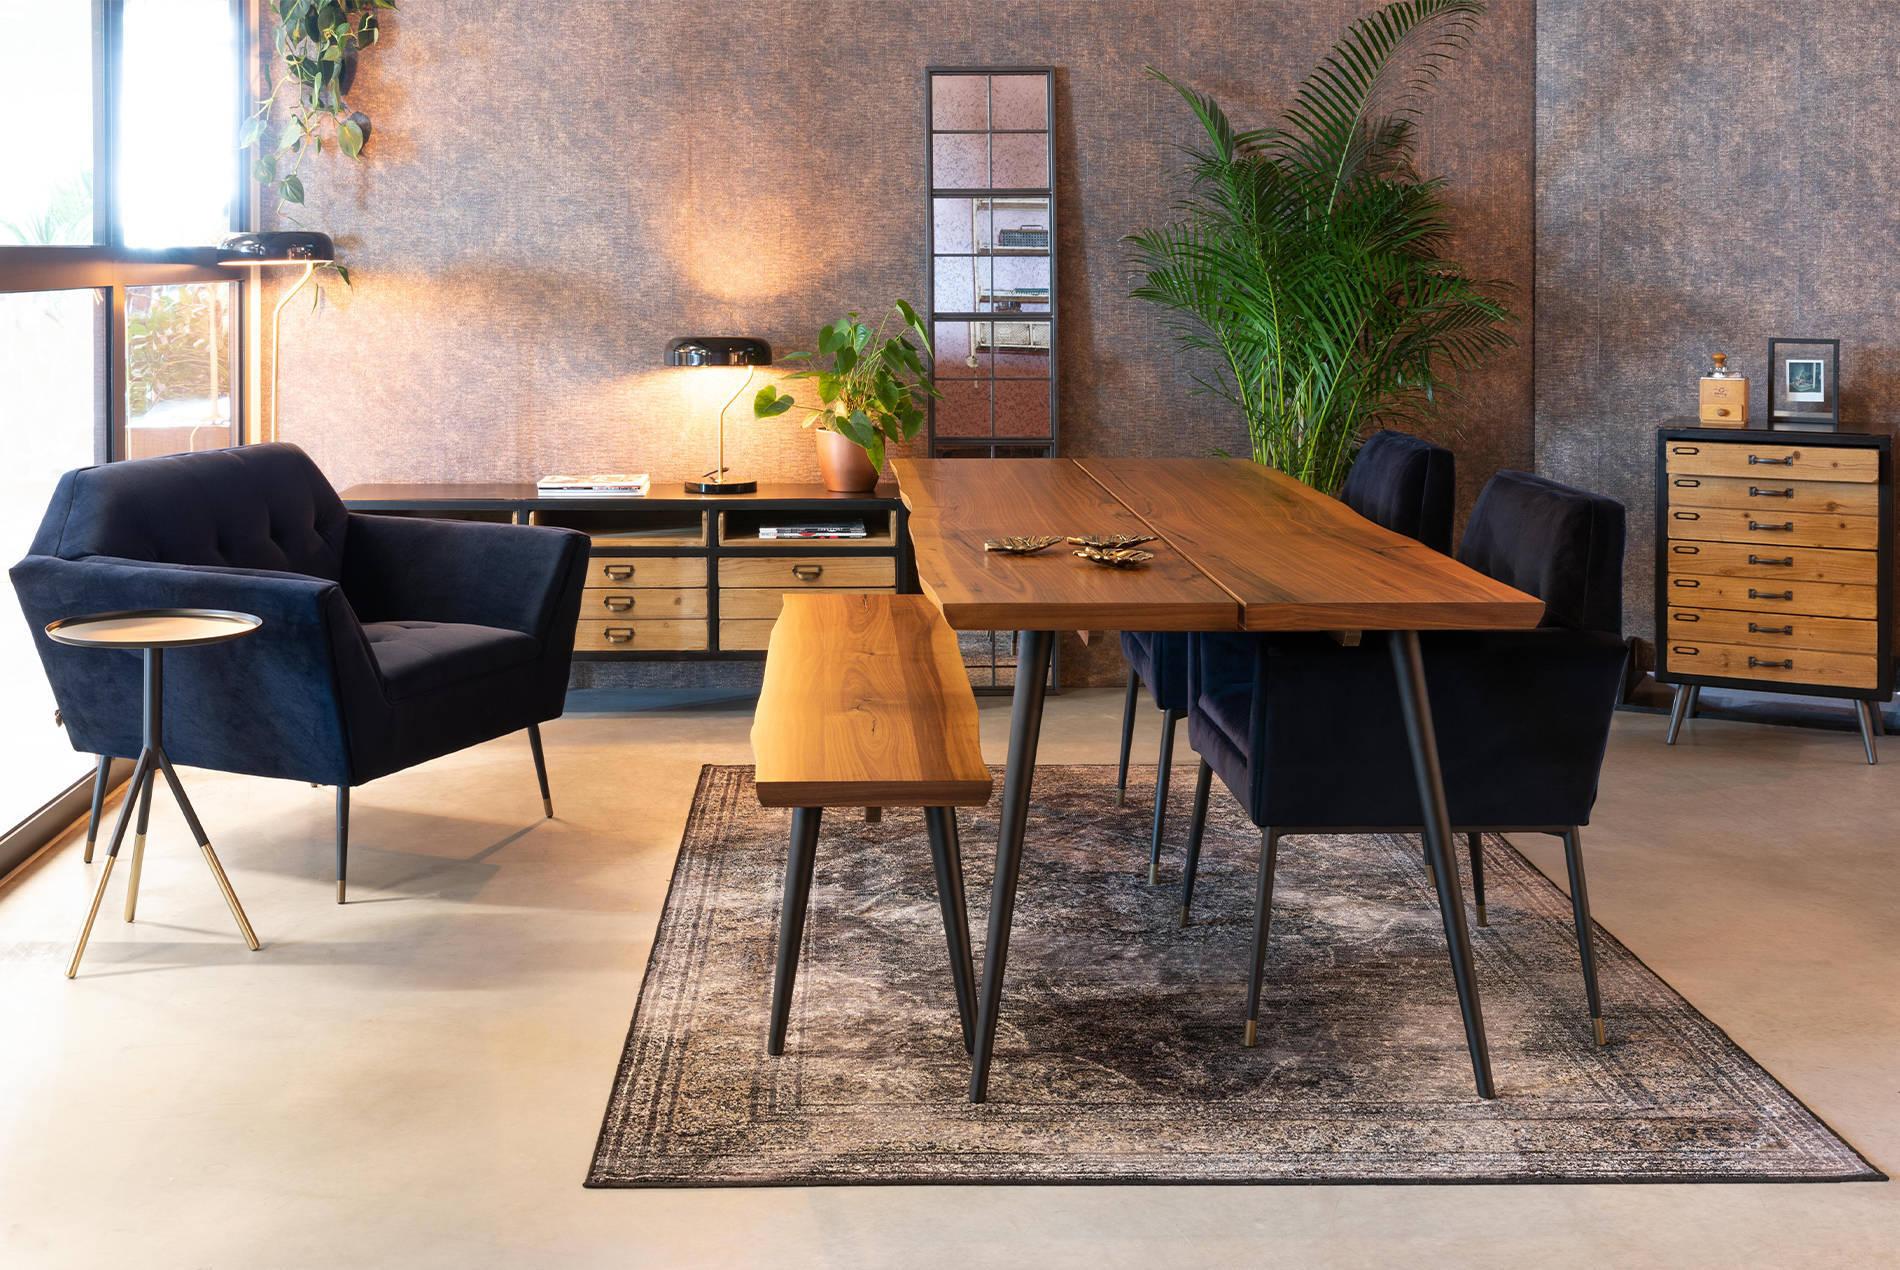 Dutchbone tafels en stoelen